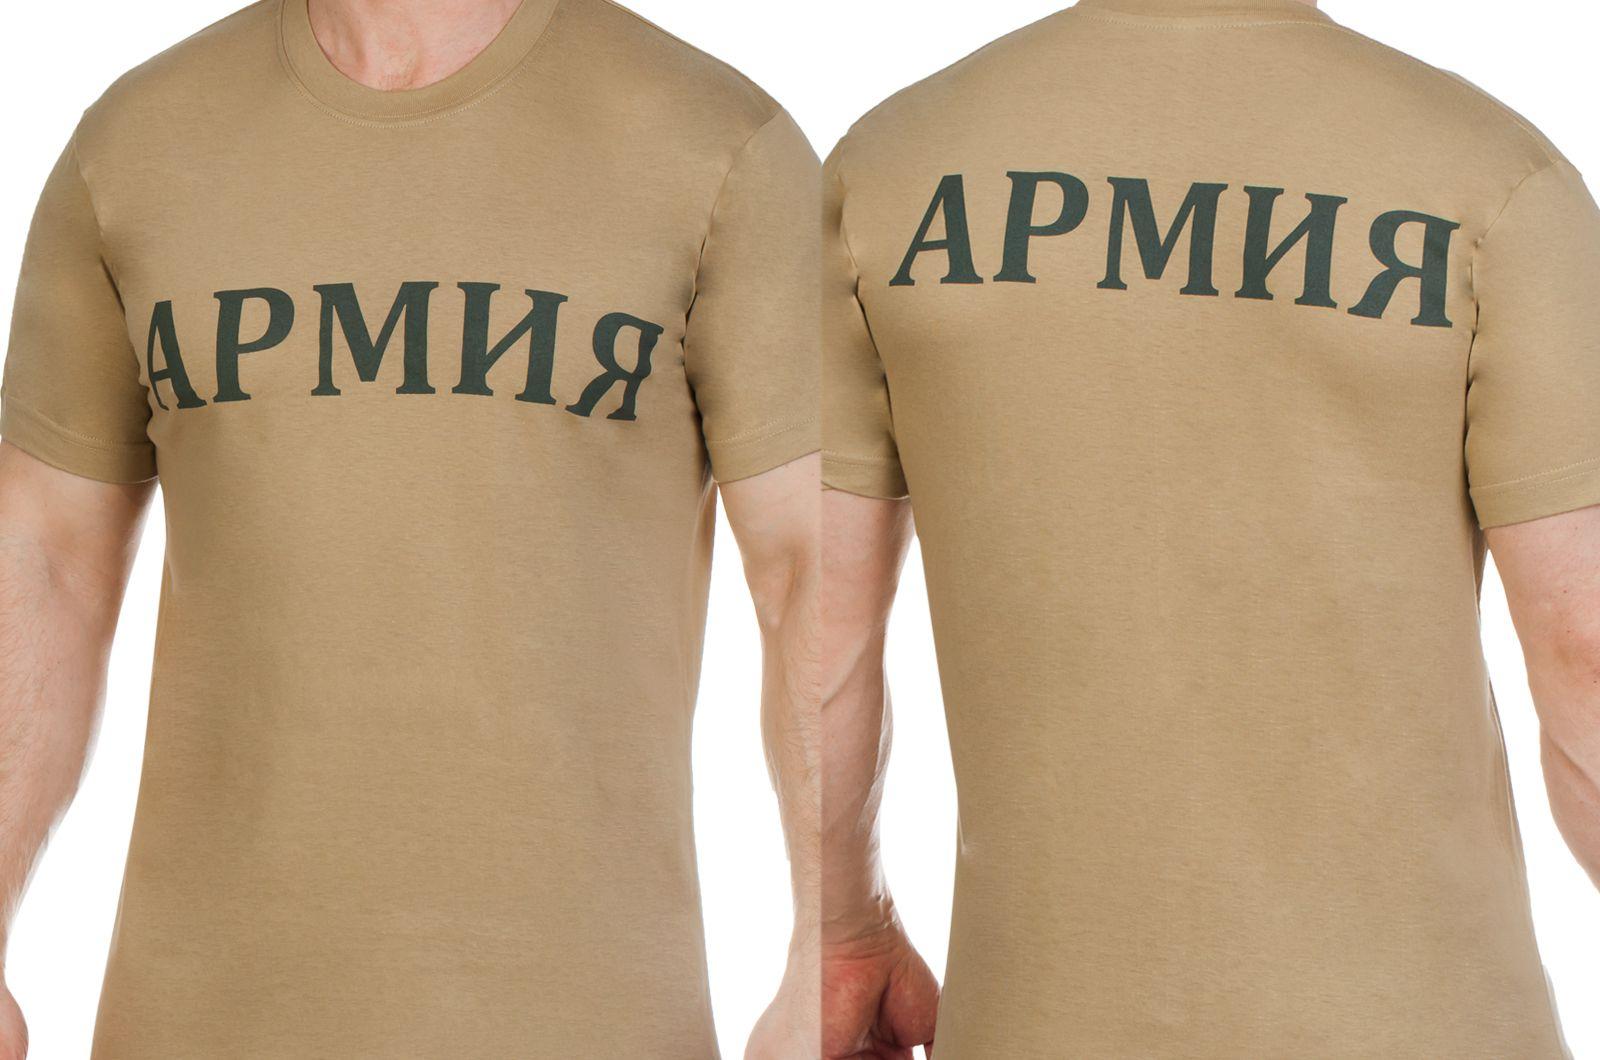 """Офицерская футболка """"Армия"""" - оптом и в розницу"""